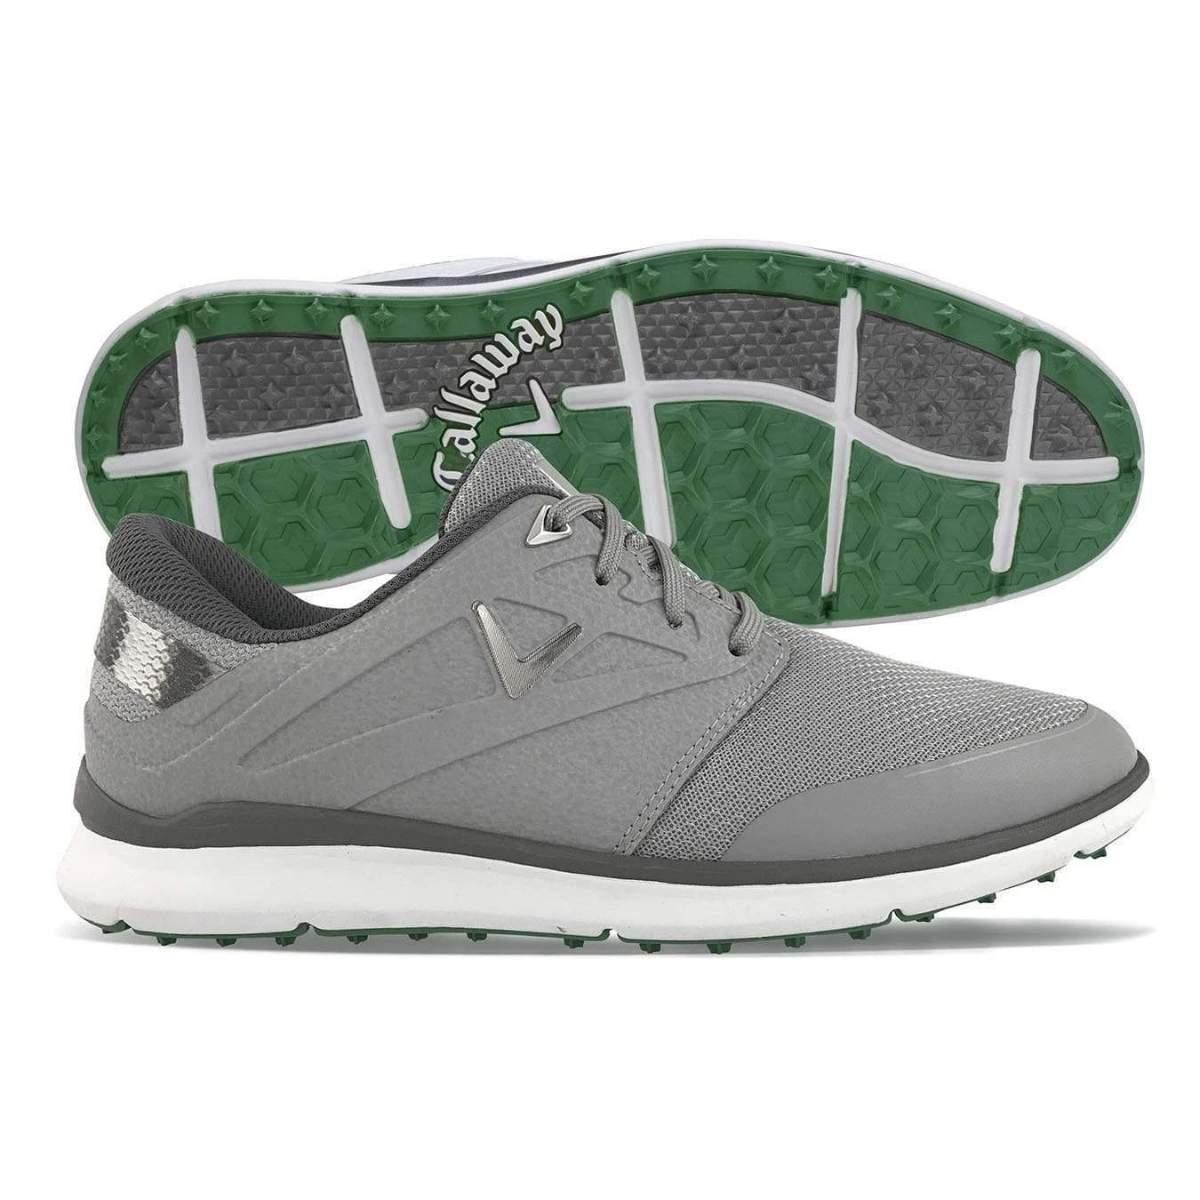 Callaway Men's Oceanside Grey Golf Shoes